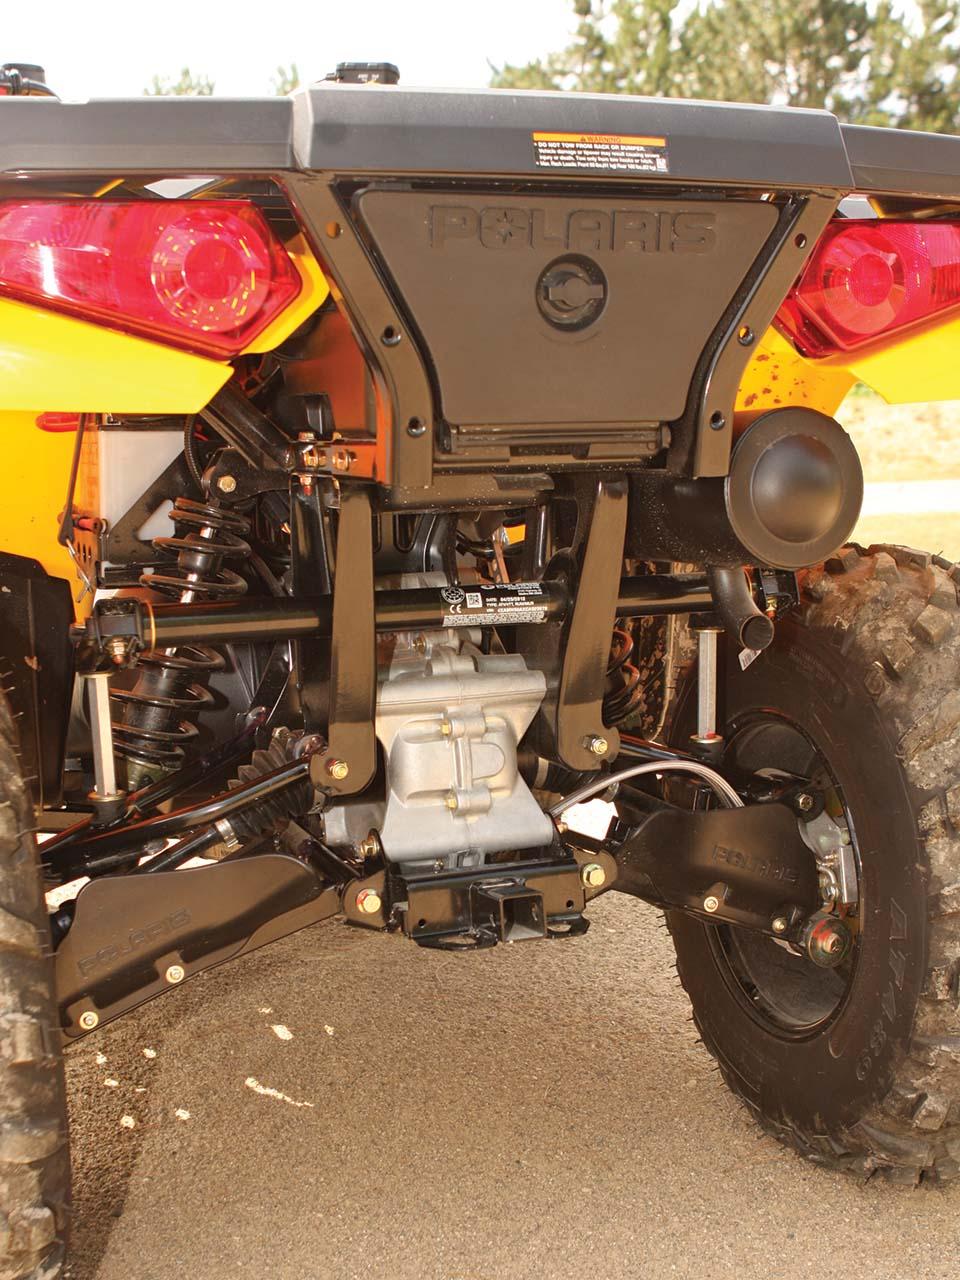 hight resolution of 2012 polaris sportsman500ho close up rear jpg